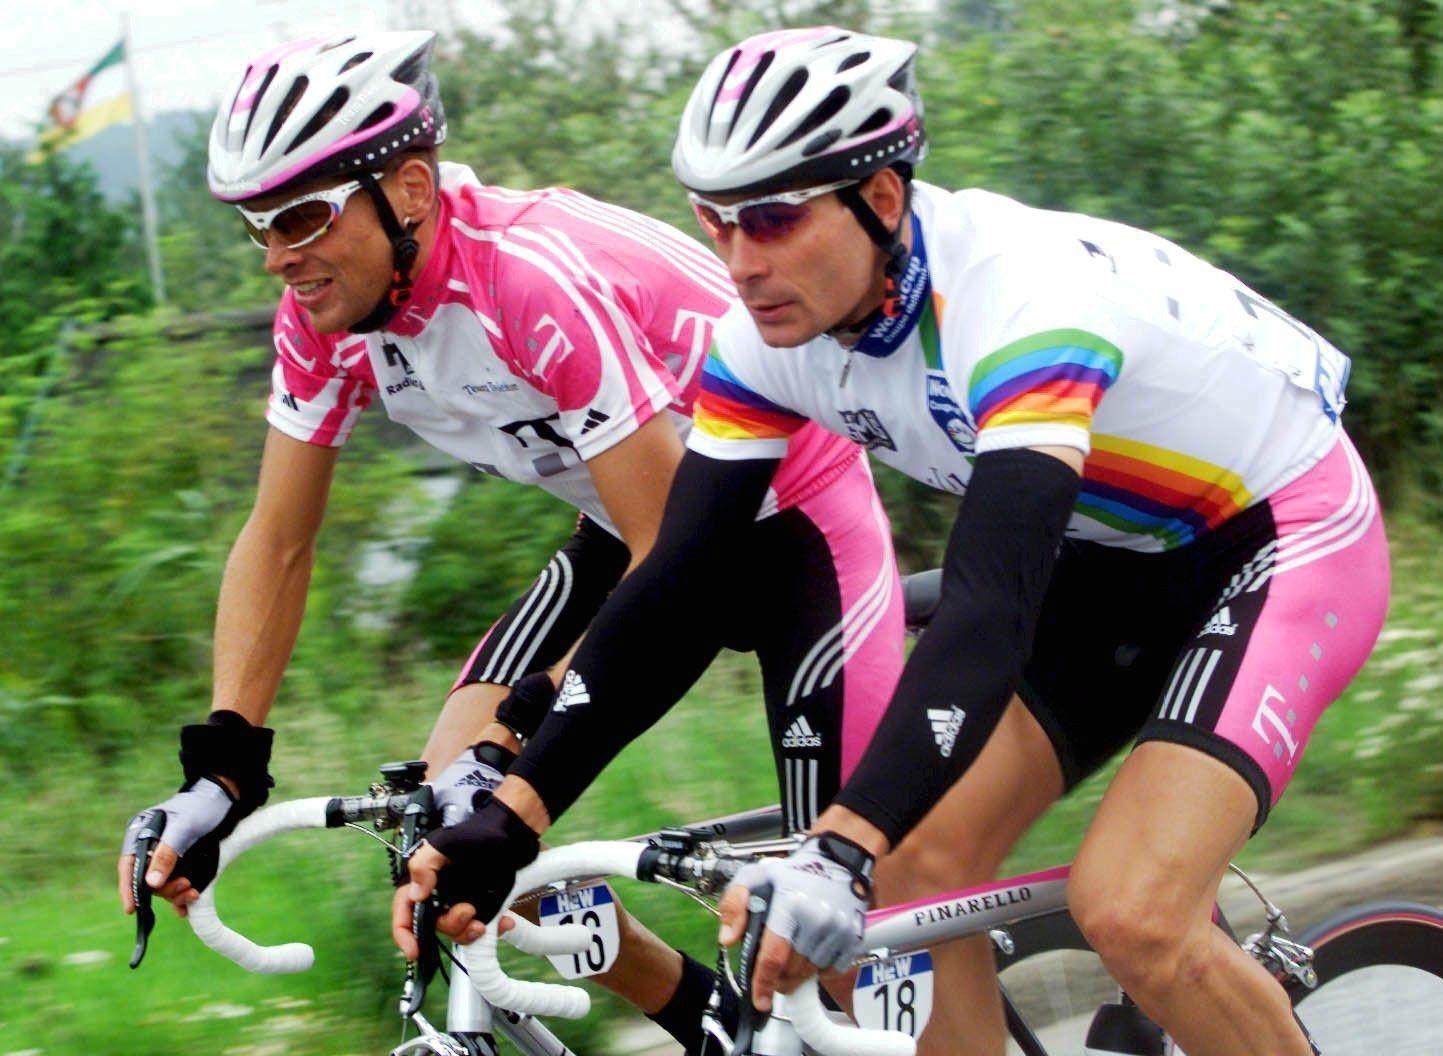 Erik Zabel/ Jan Ullrich/ Hew Cyclassic 2000